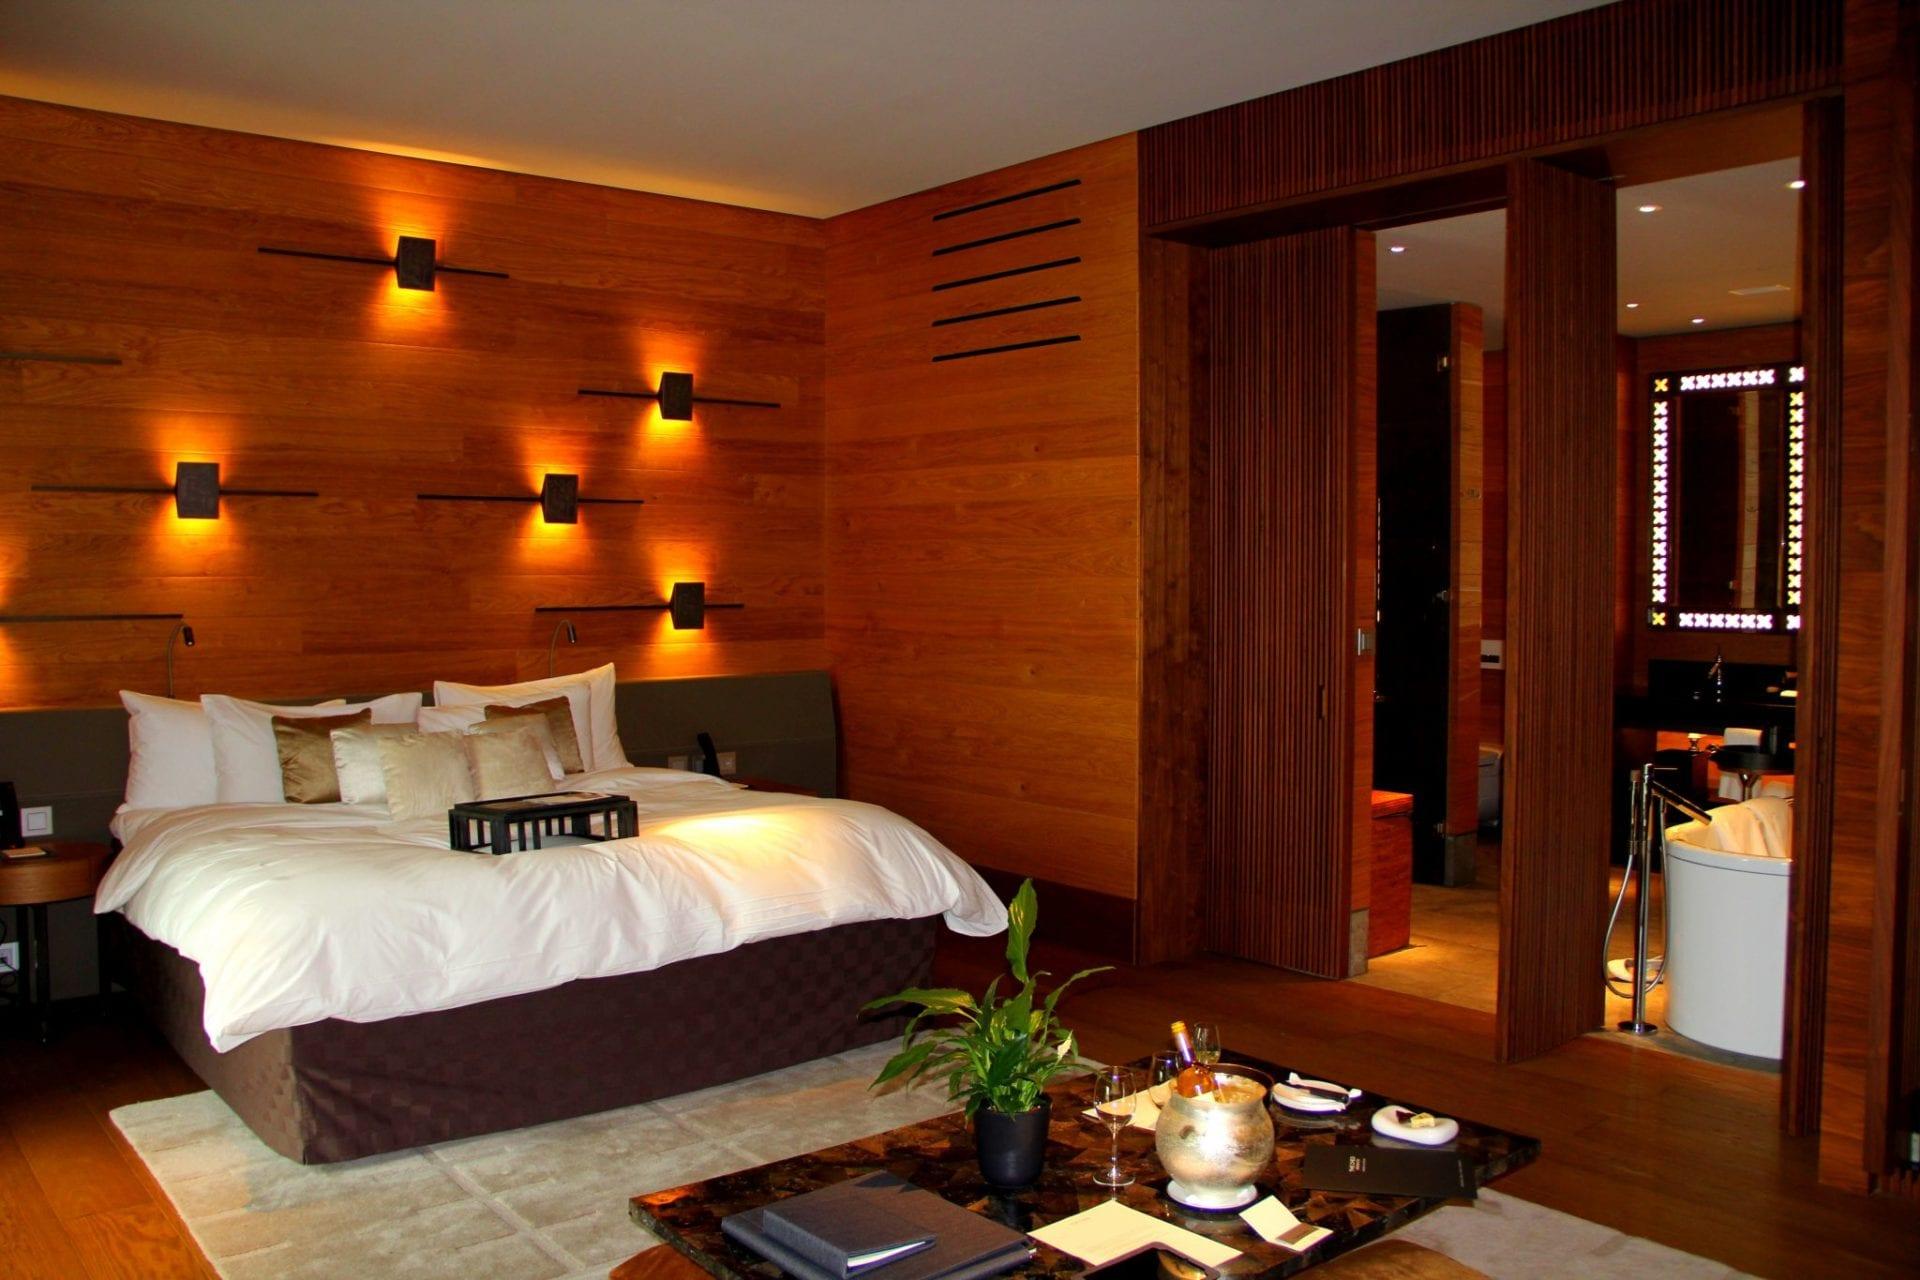 Die teilnehmenden Hotels bieten einen enorm hohen Standard